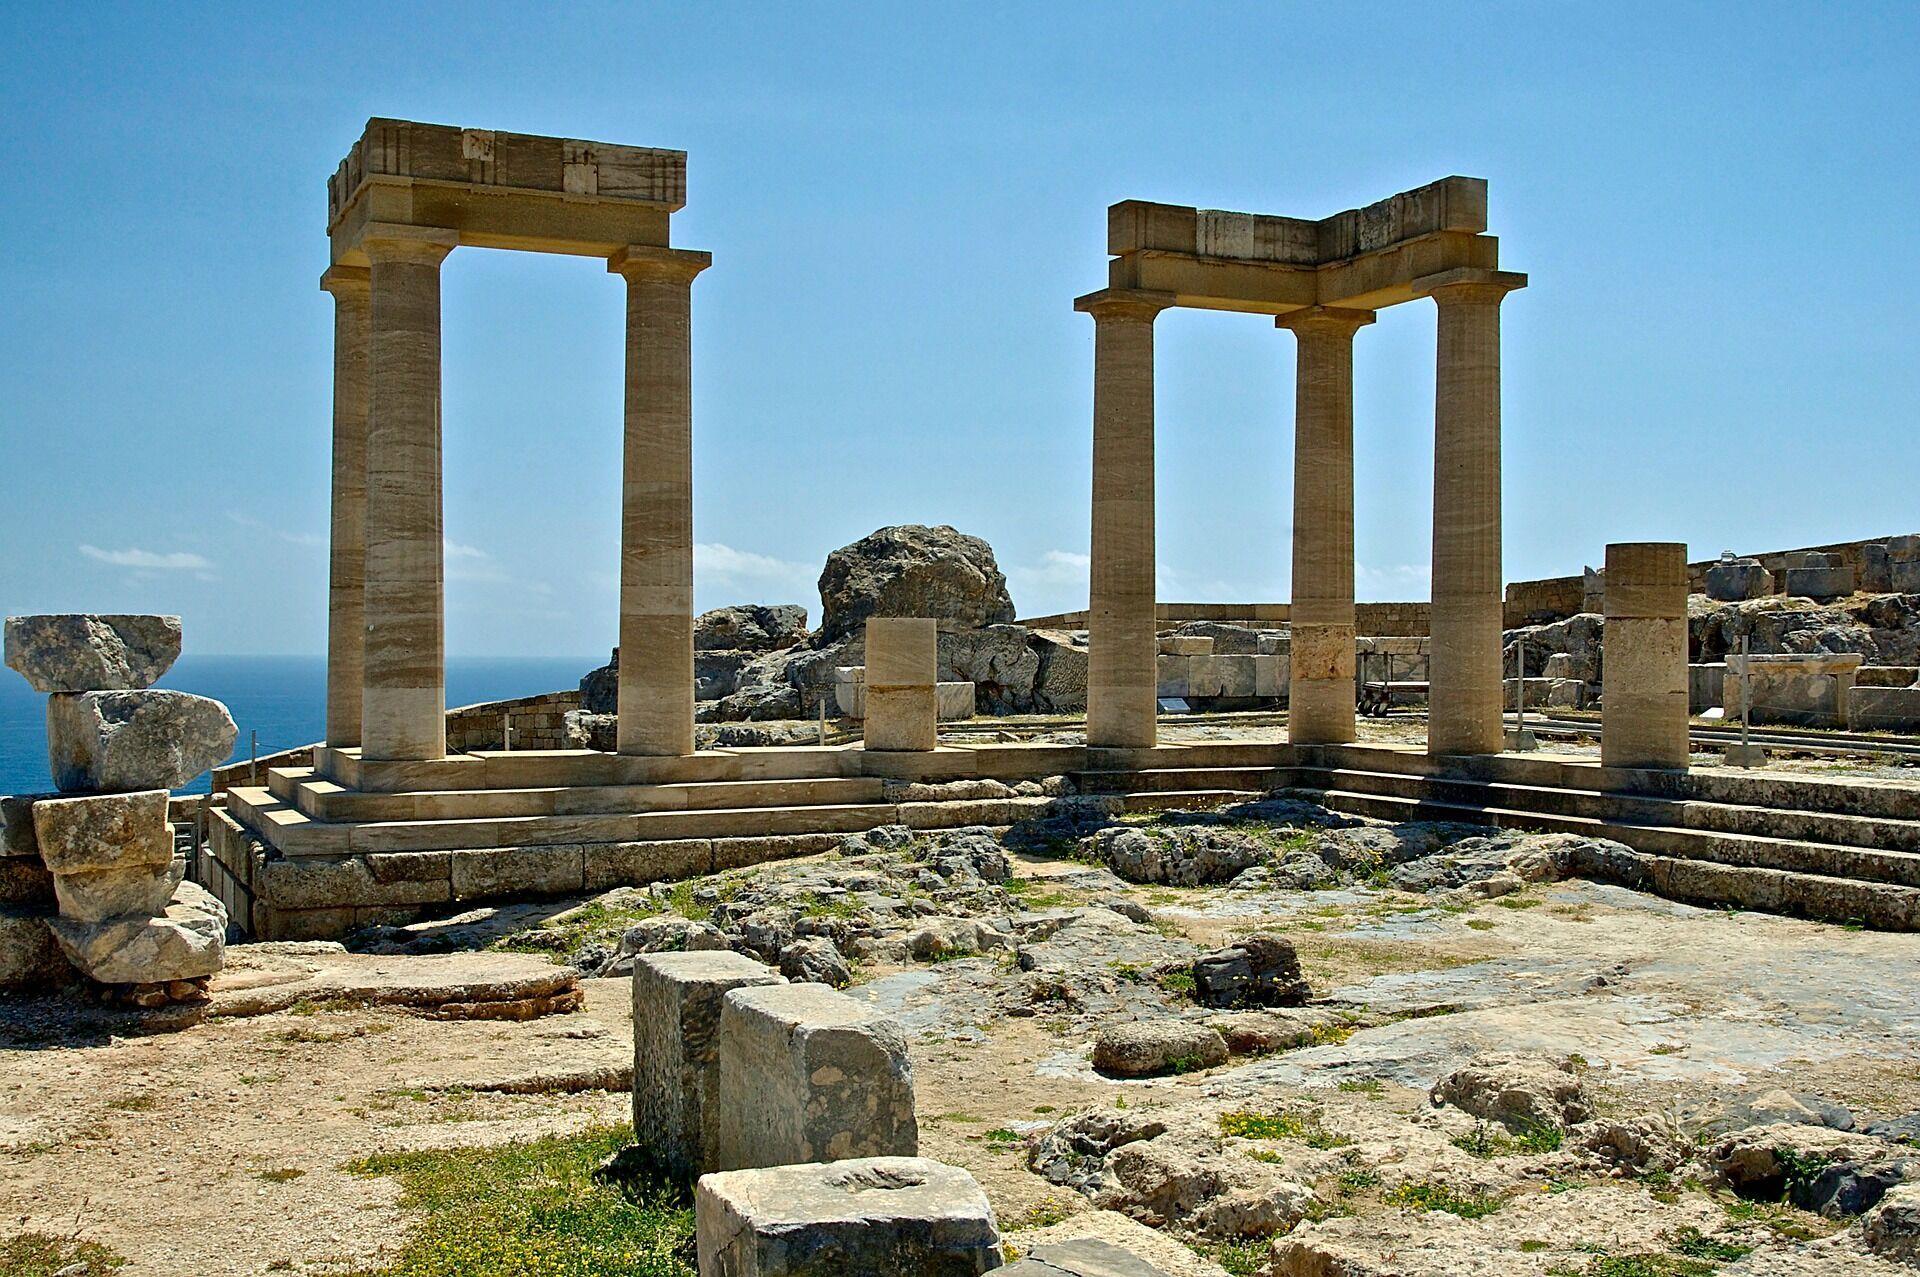 Южные курорты Греции Родос и Крит отлично подходят для пляжного отдыха осенью